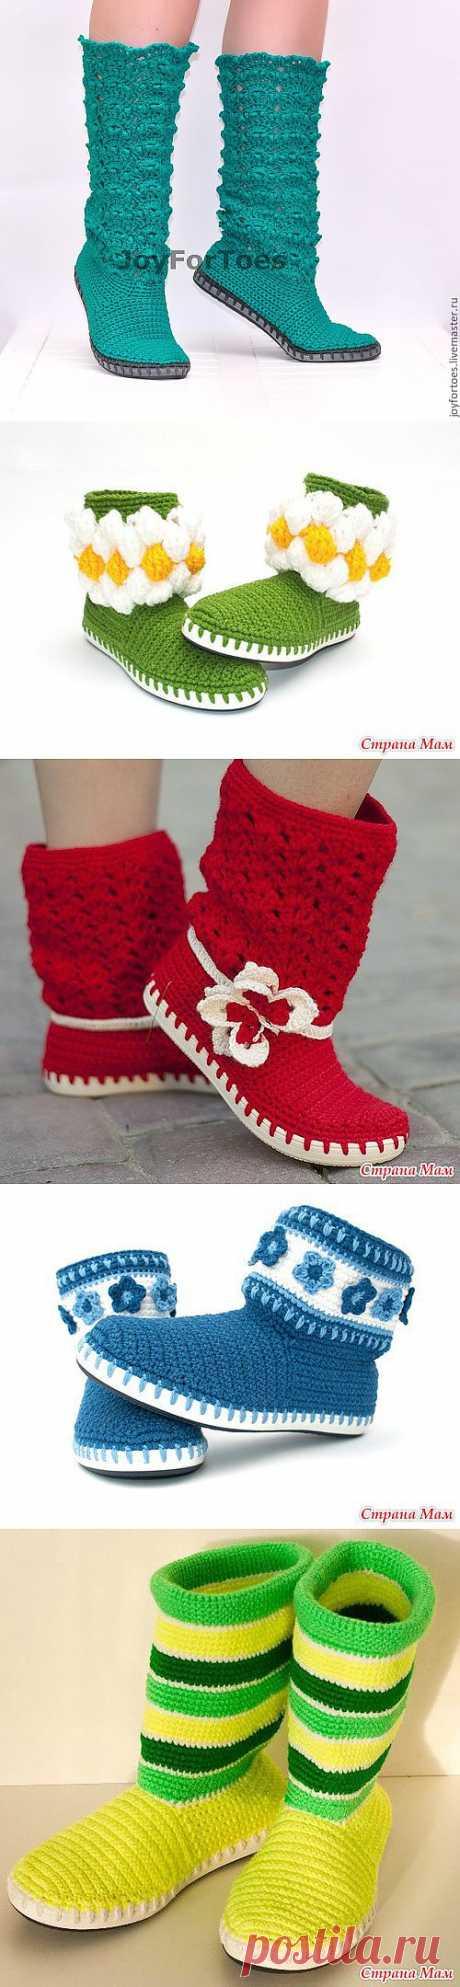 ИДЕИ И МАСТЕР КЛАССЫ ПО ВЯЗАНОЙ ОБУВИ Вязаная обувь, согласитесь необычна, но очень интересна и все больше завоевывает свою популярность. Как правило такая обувь яркая, легкая и пока не так часто встречается, как кожаная на наших улицах. Это значит, когда вы оденете вязаную обувь дополнительное внимание, как со стороны женщин, так и со стороны мужчин Вам будет обеспечено.